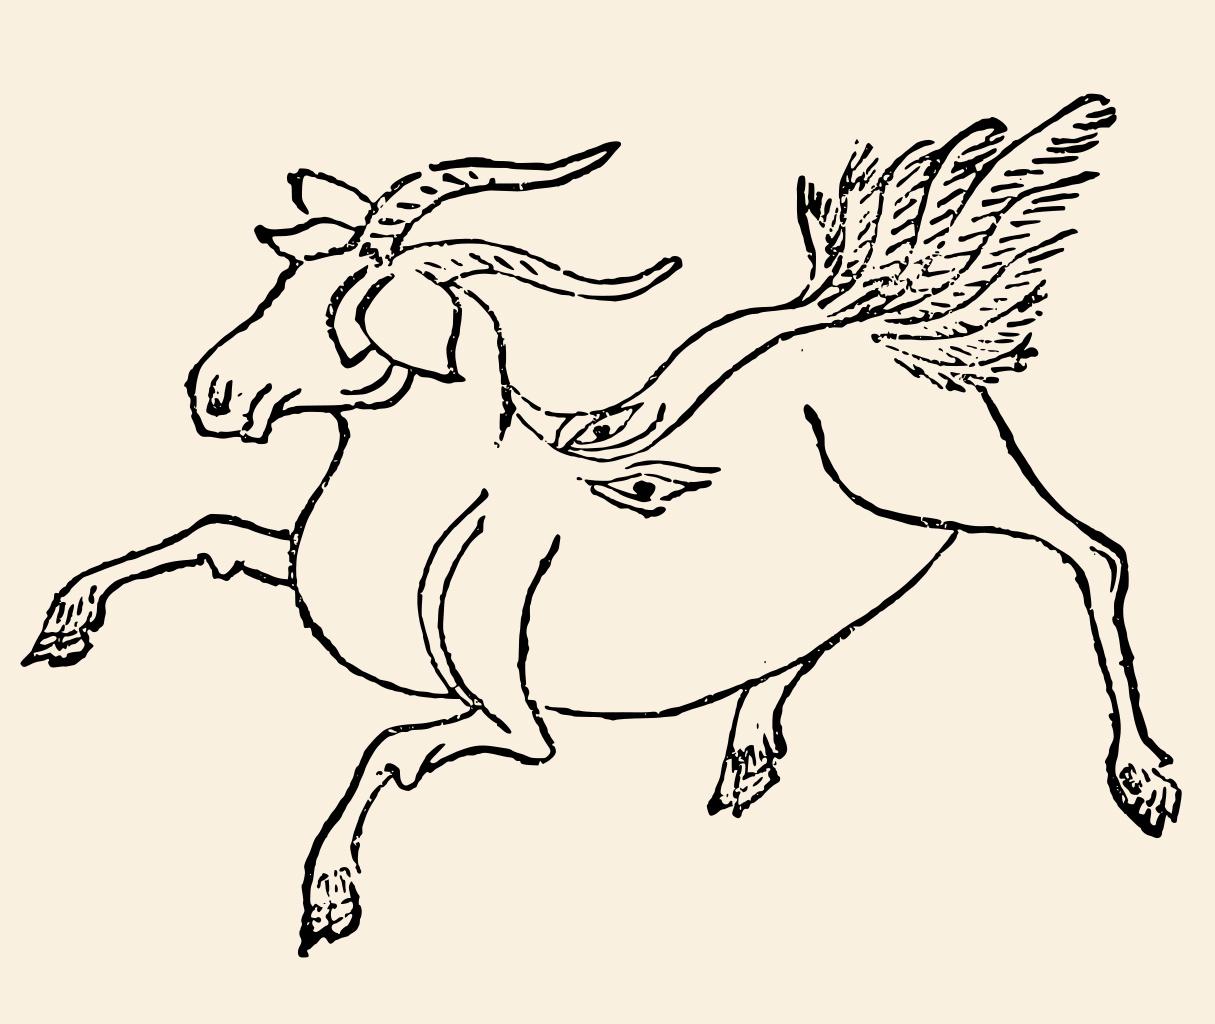 Бочи - существо из китайской мифологии